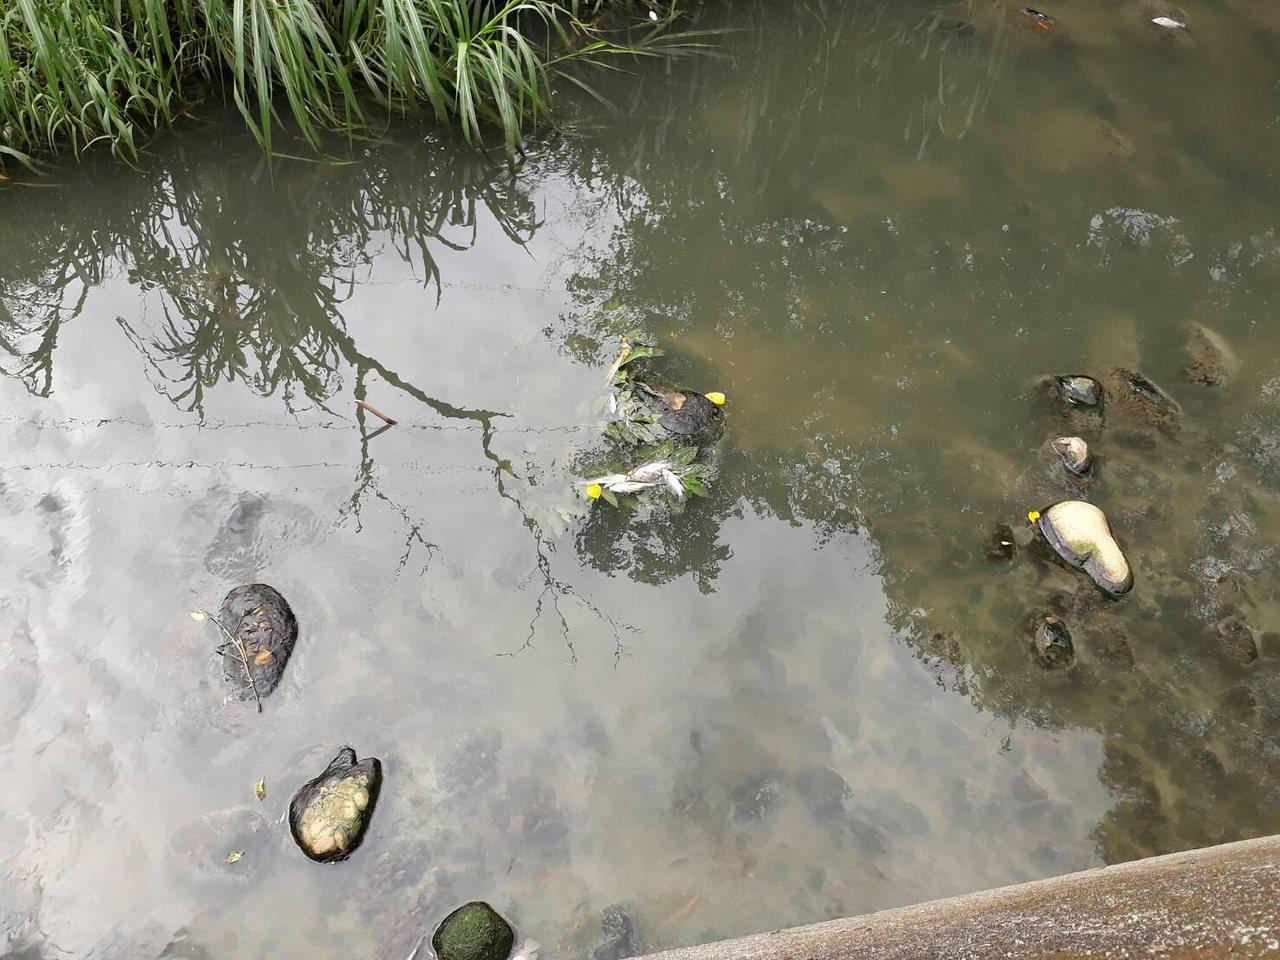 野溪裡出現死魚,環保局已取樣分析並稽查來源。圖/市議員蔡淑君提供